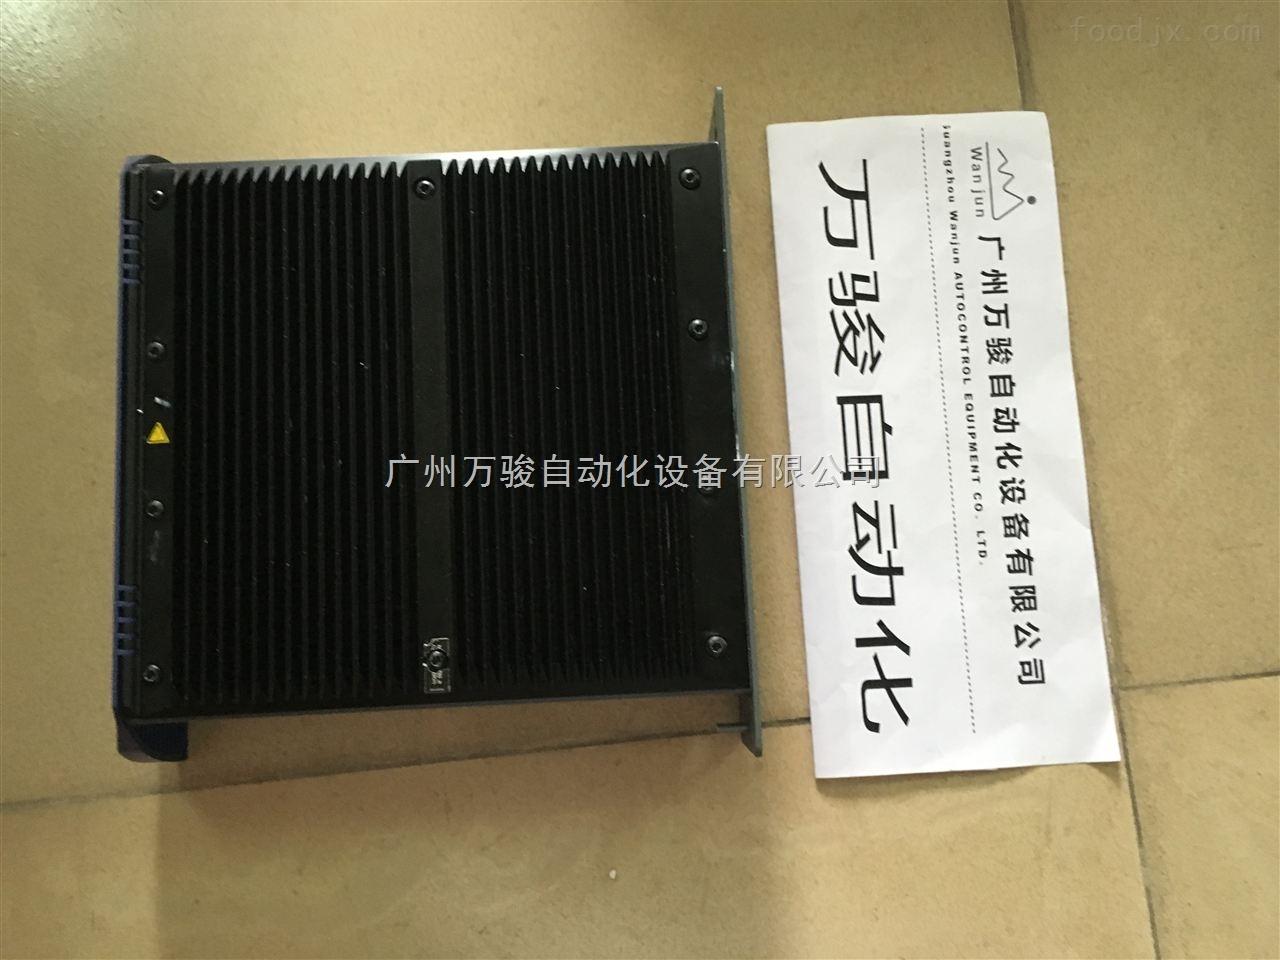 5P62:KRONES-02-KRONES工控机维修厂家